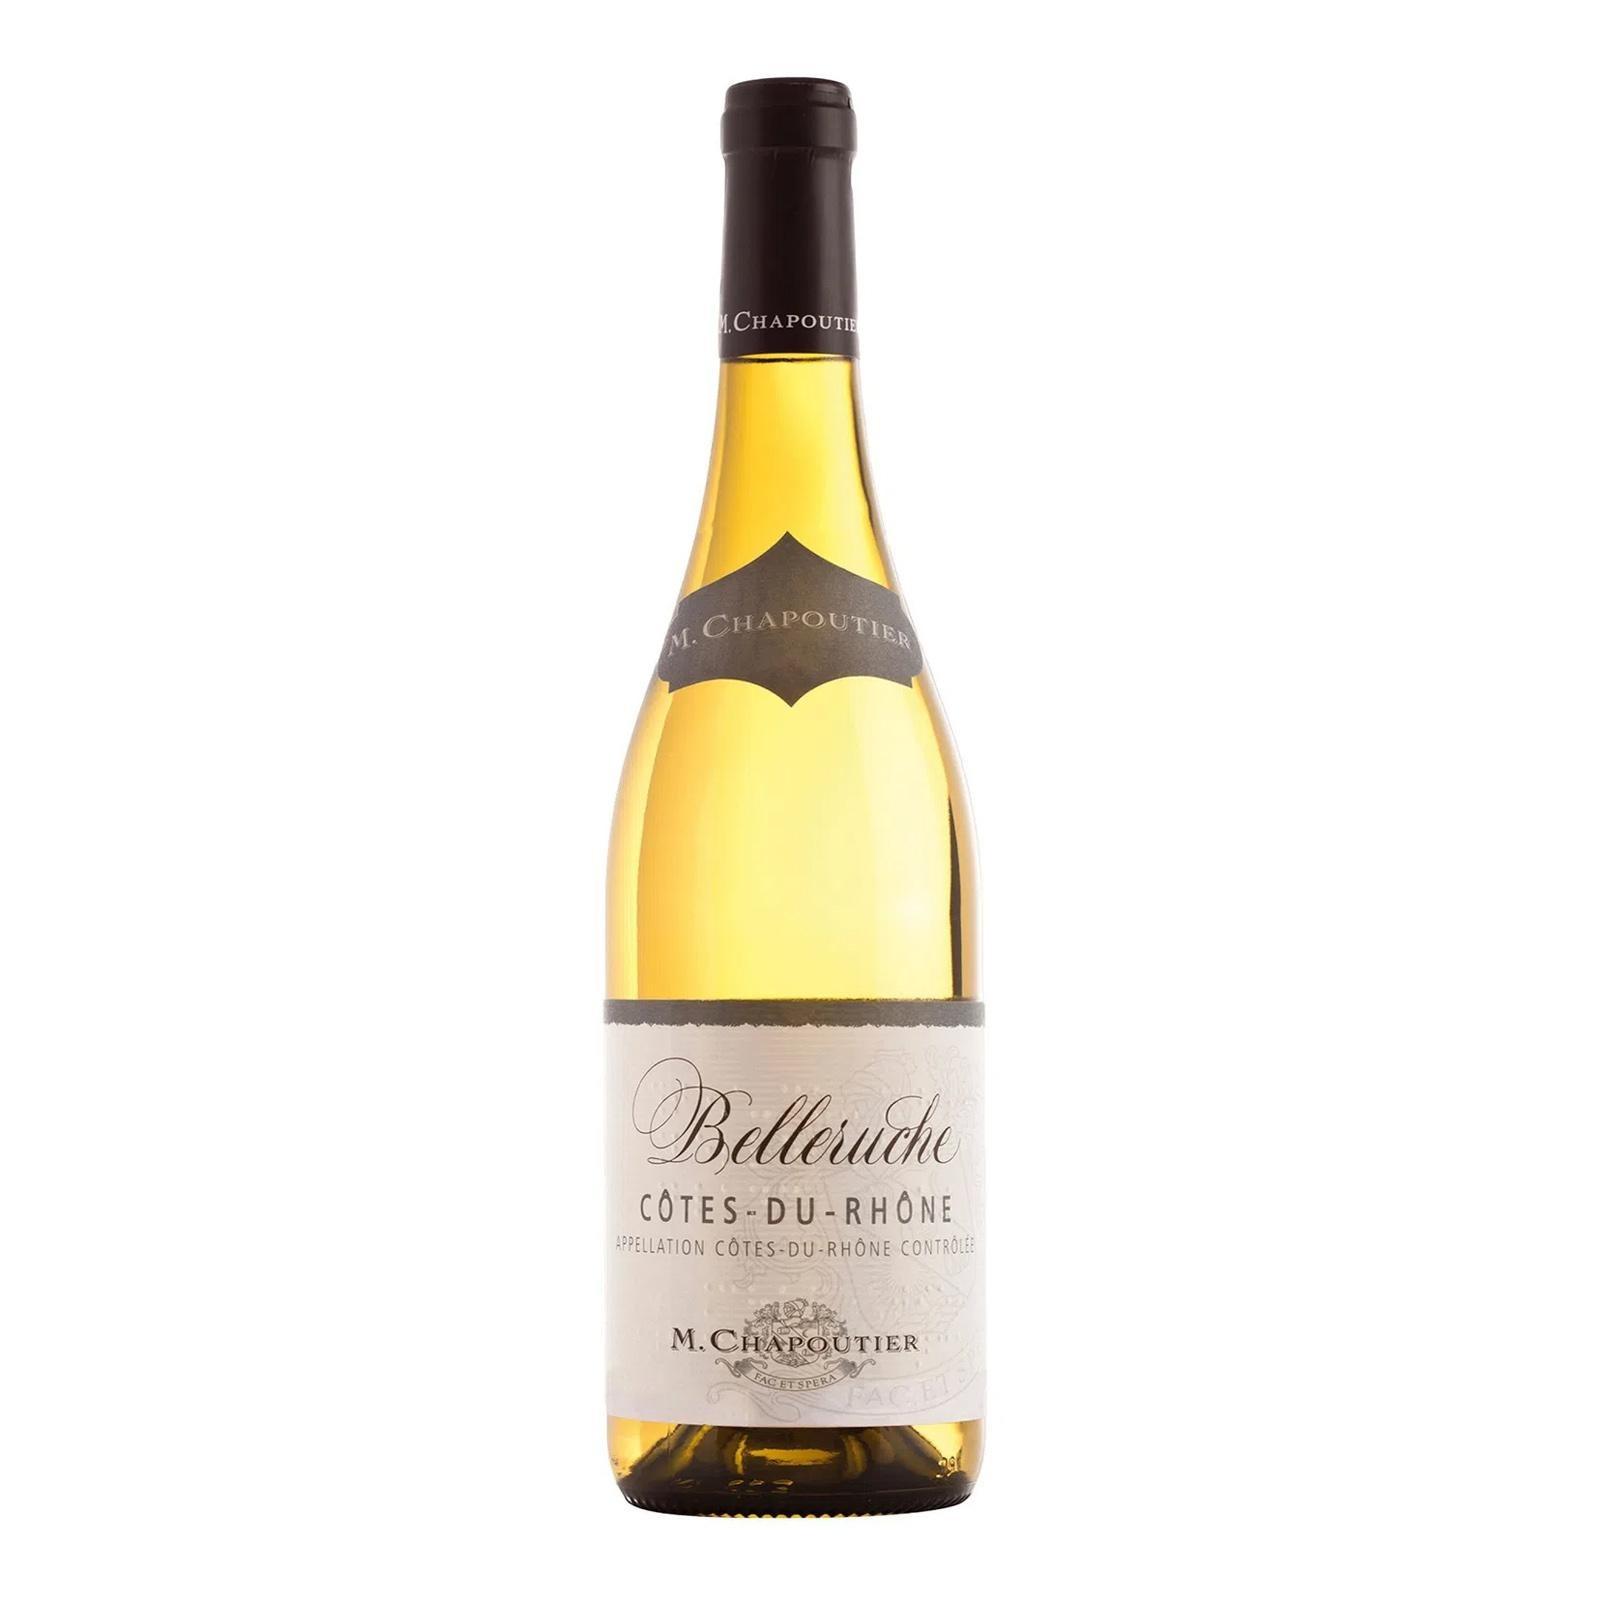 M. Chapoutier Cotes-Du-Rhone Belleruche Blanc-By Culina